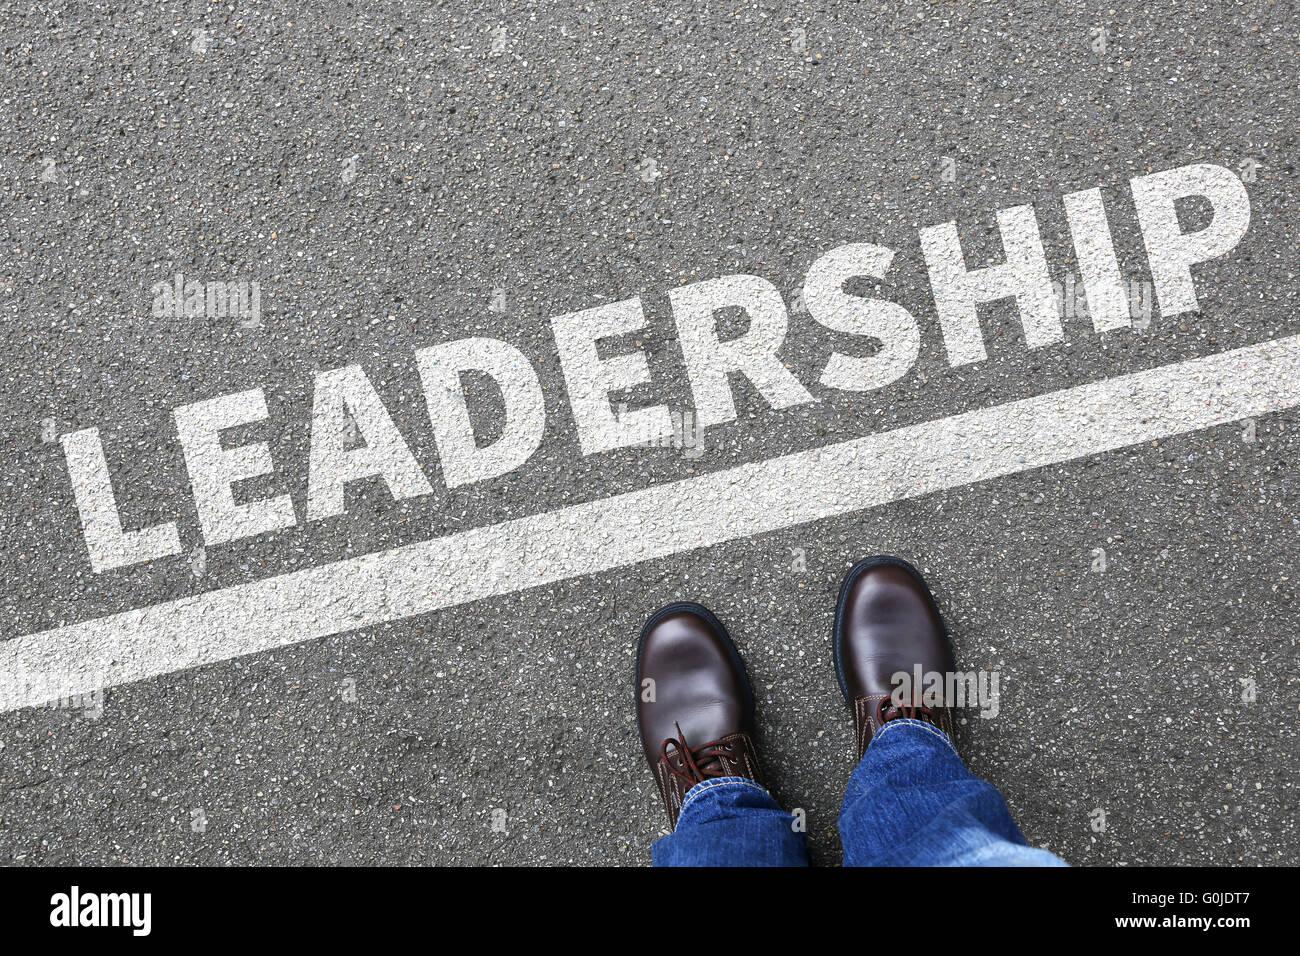 Leadership leader di successo di successo Win vincenti finanze crescita imprenditore il concetto di business development Immagini Stock